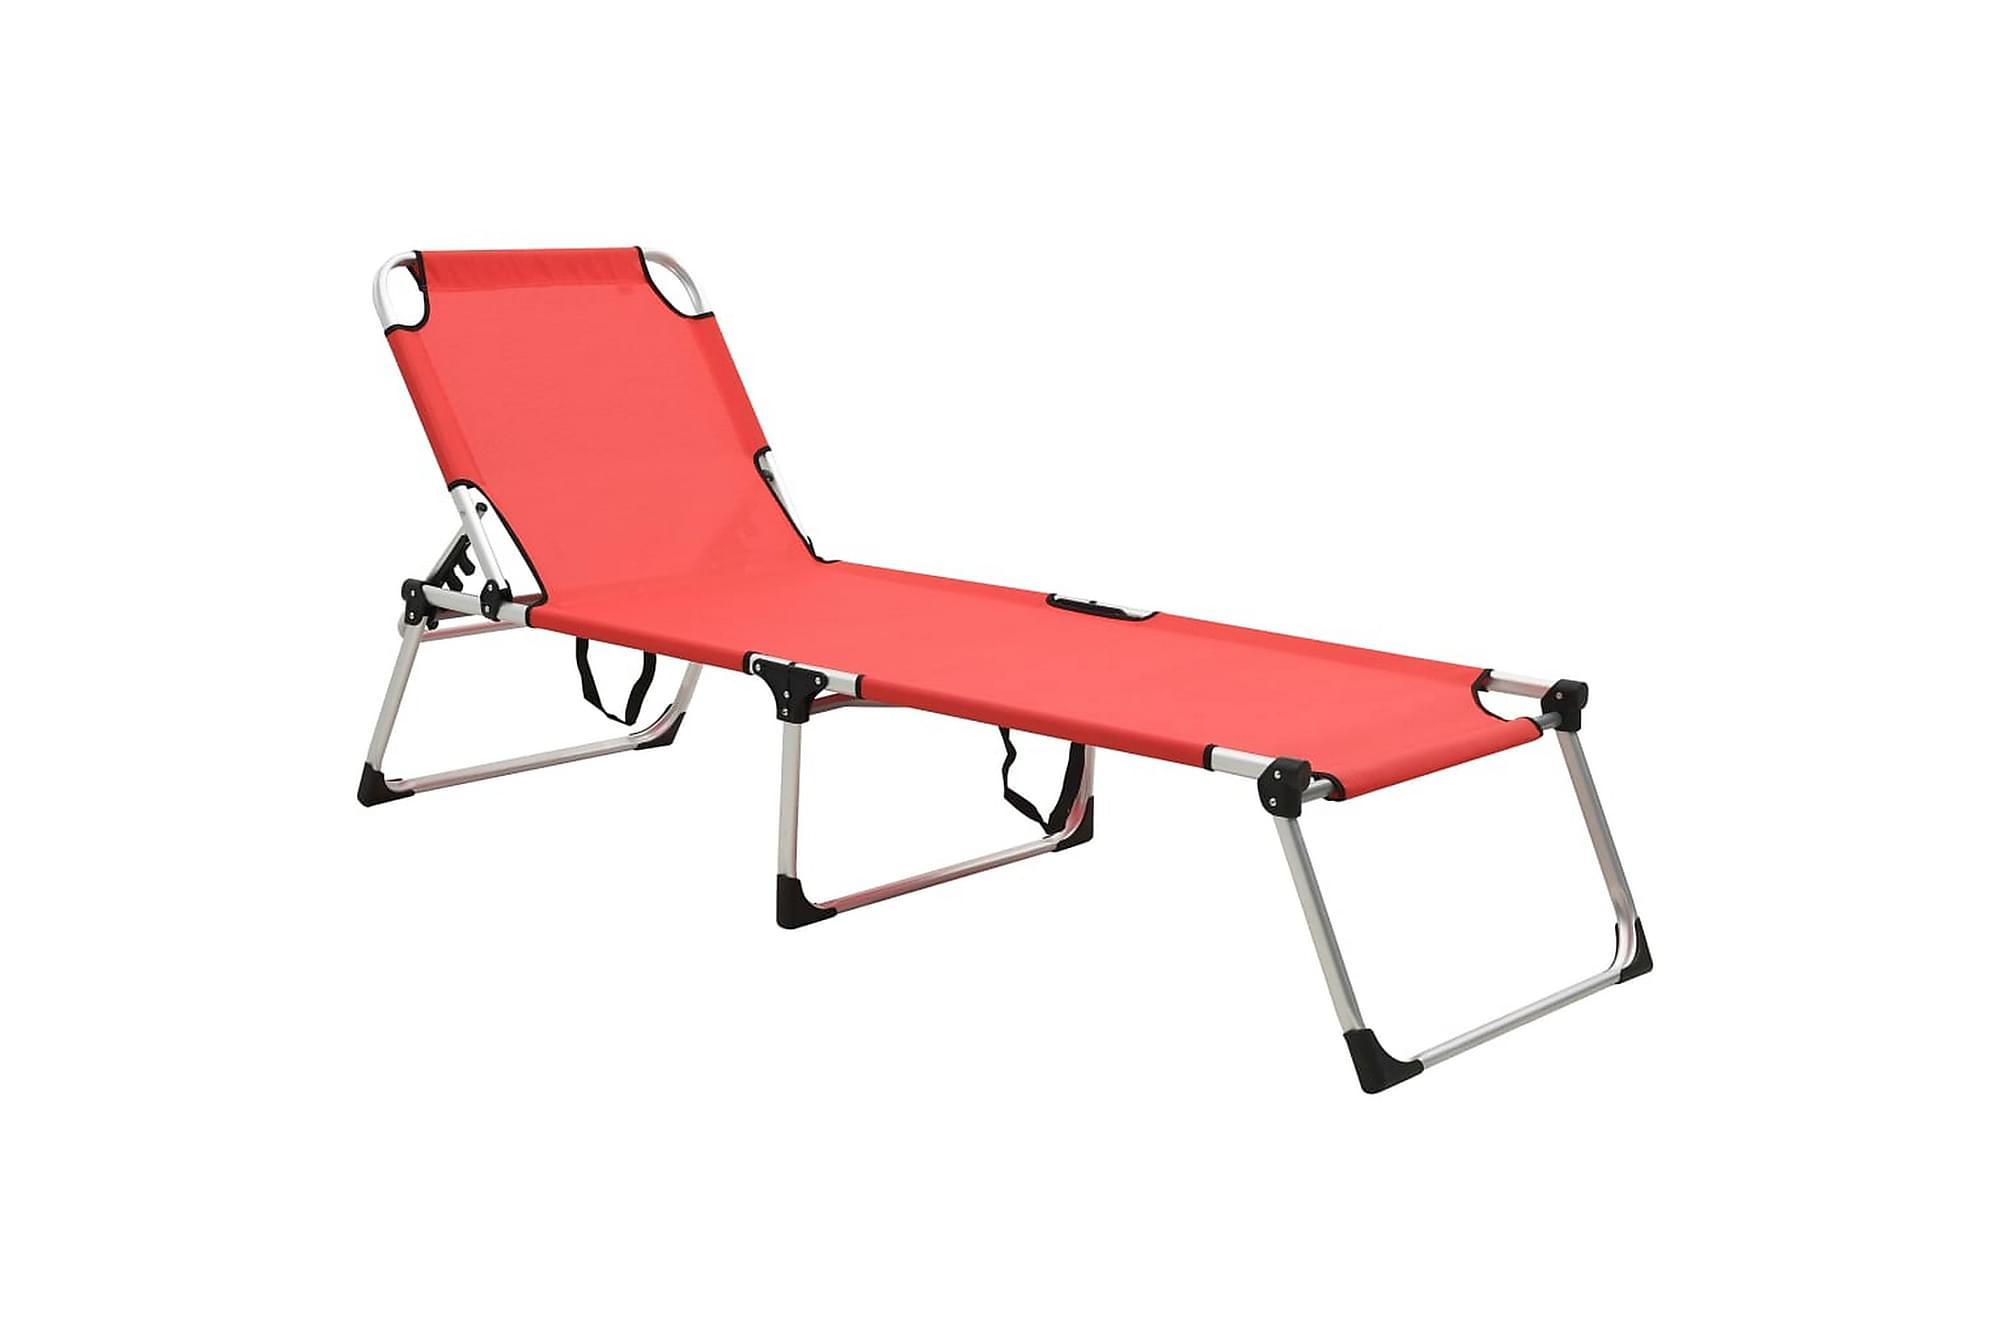 Extra hög solstol för seniorer hopfällbar röd aluminium, Solstol